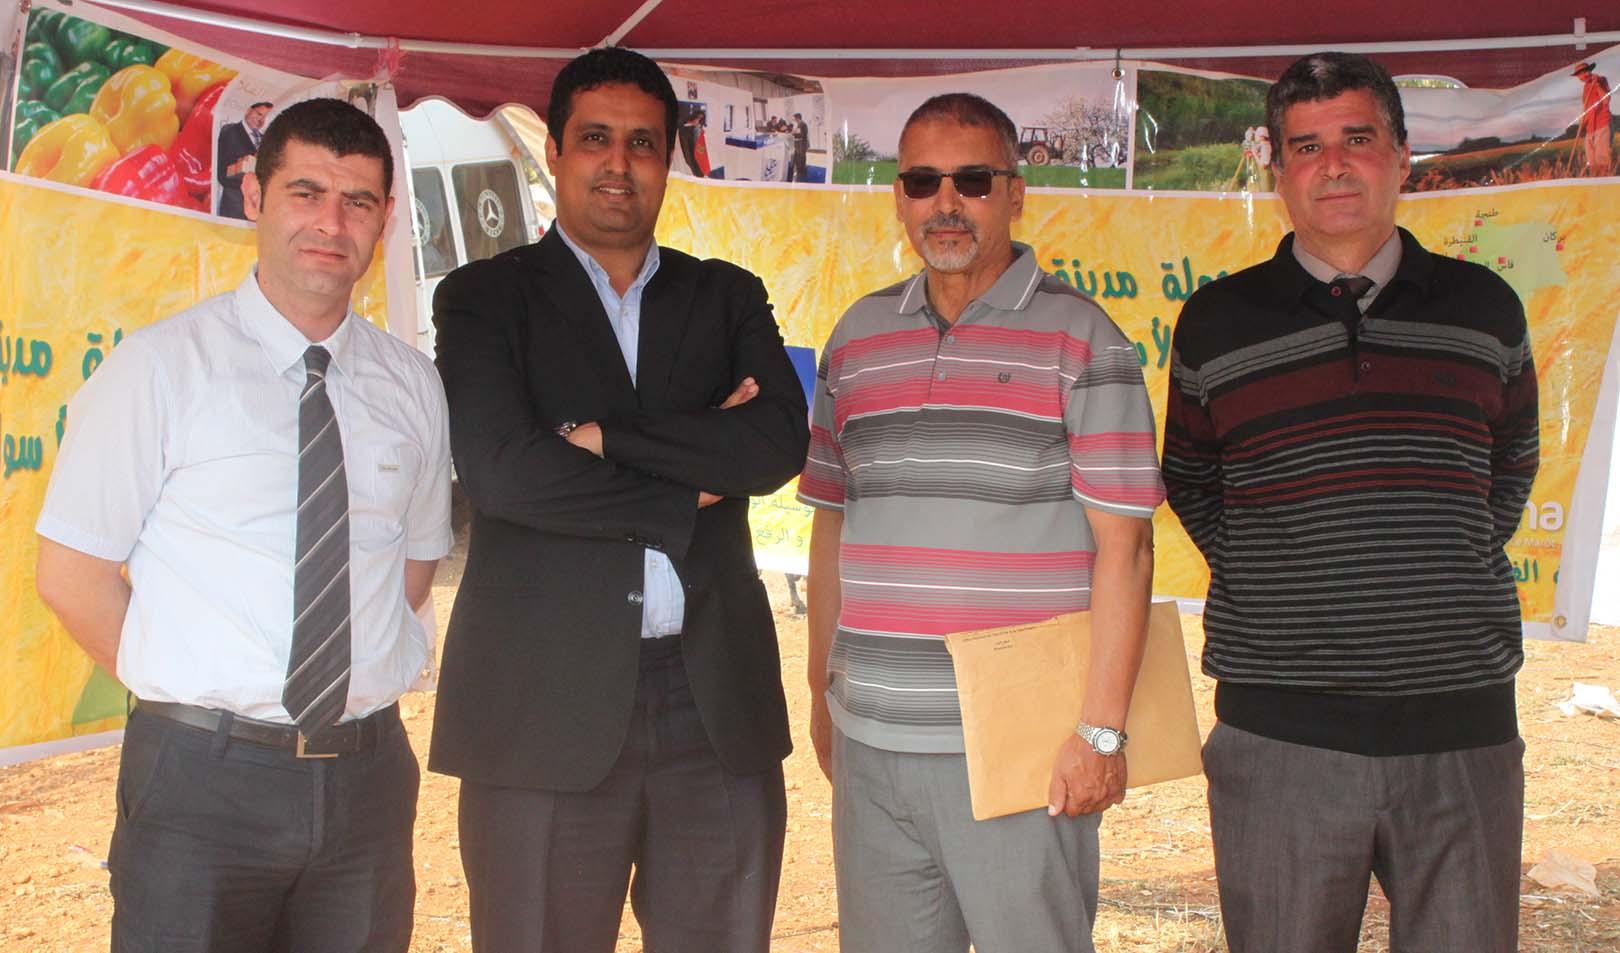 """صور جولة إذاعة مدينة إف إم في الأسواق المغربية """" سوق الأربعاء عين شكاك """""""